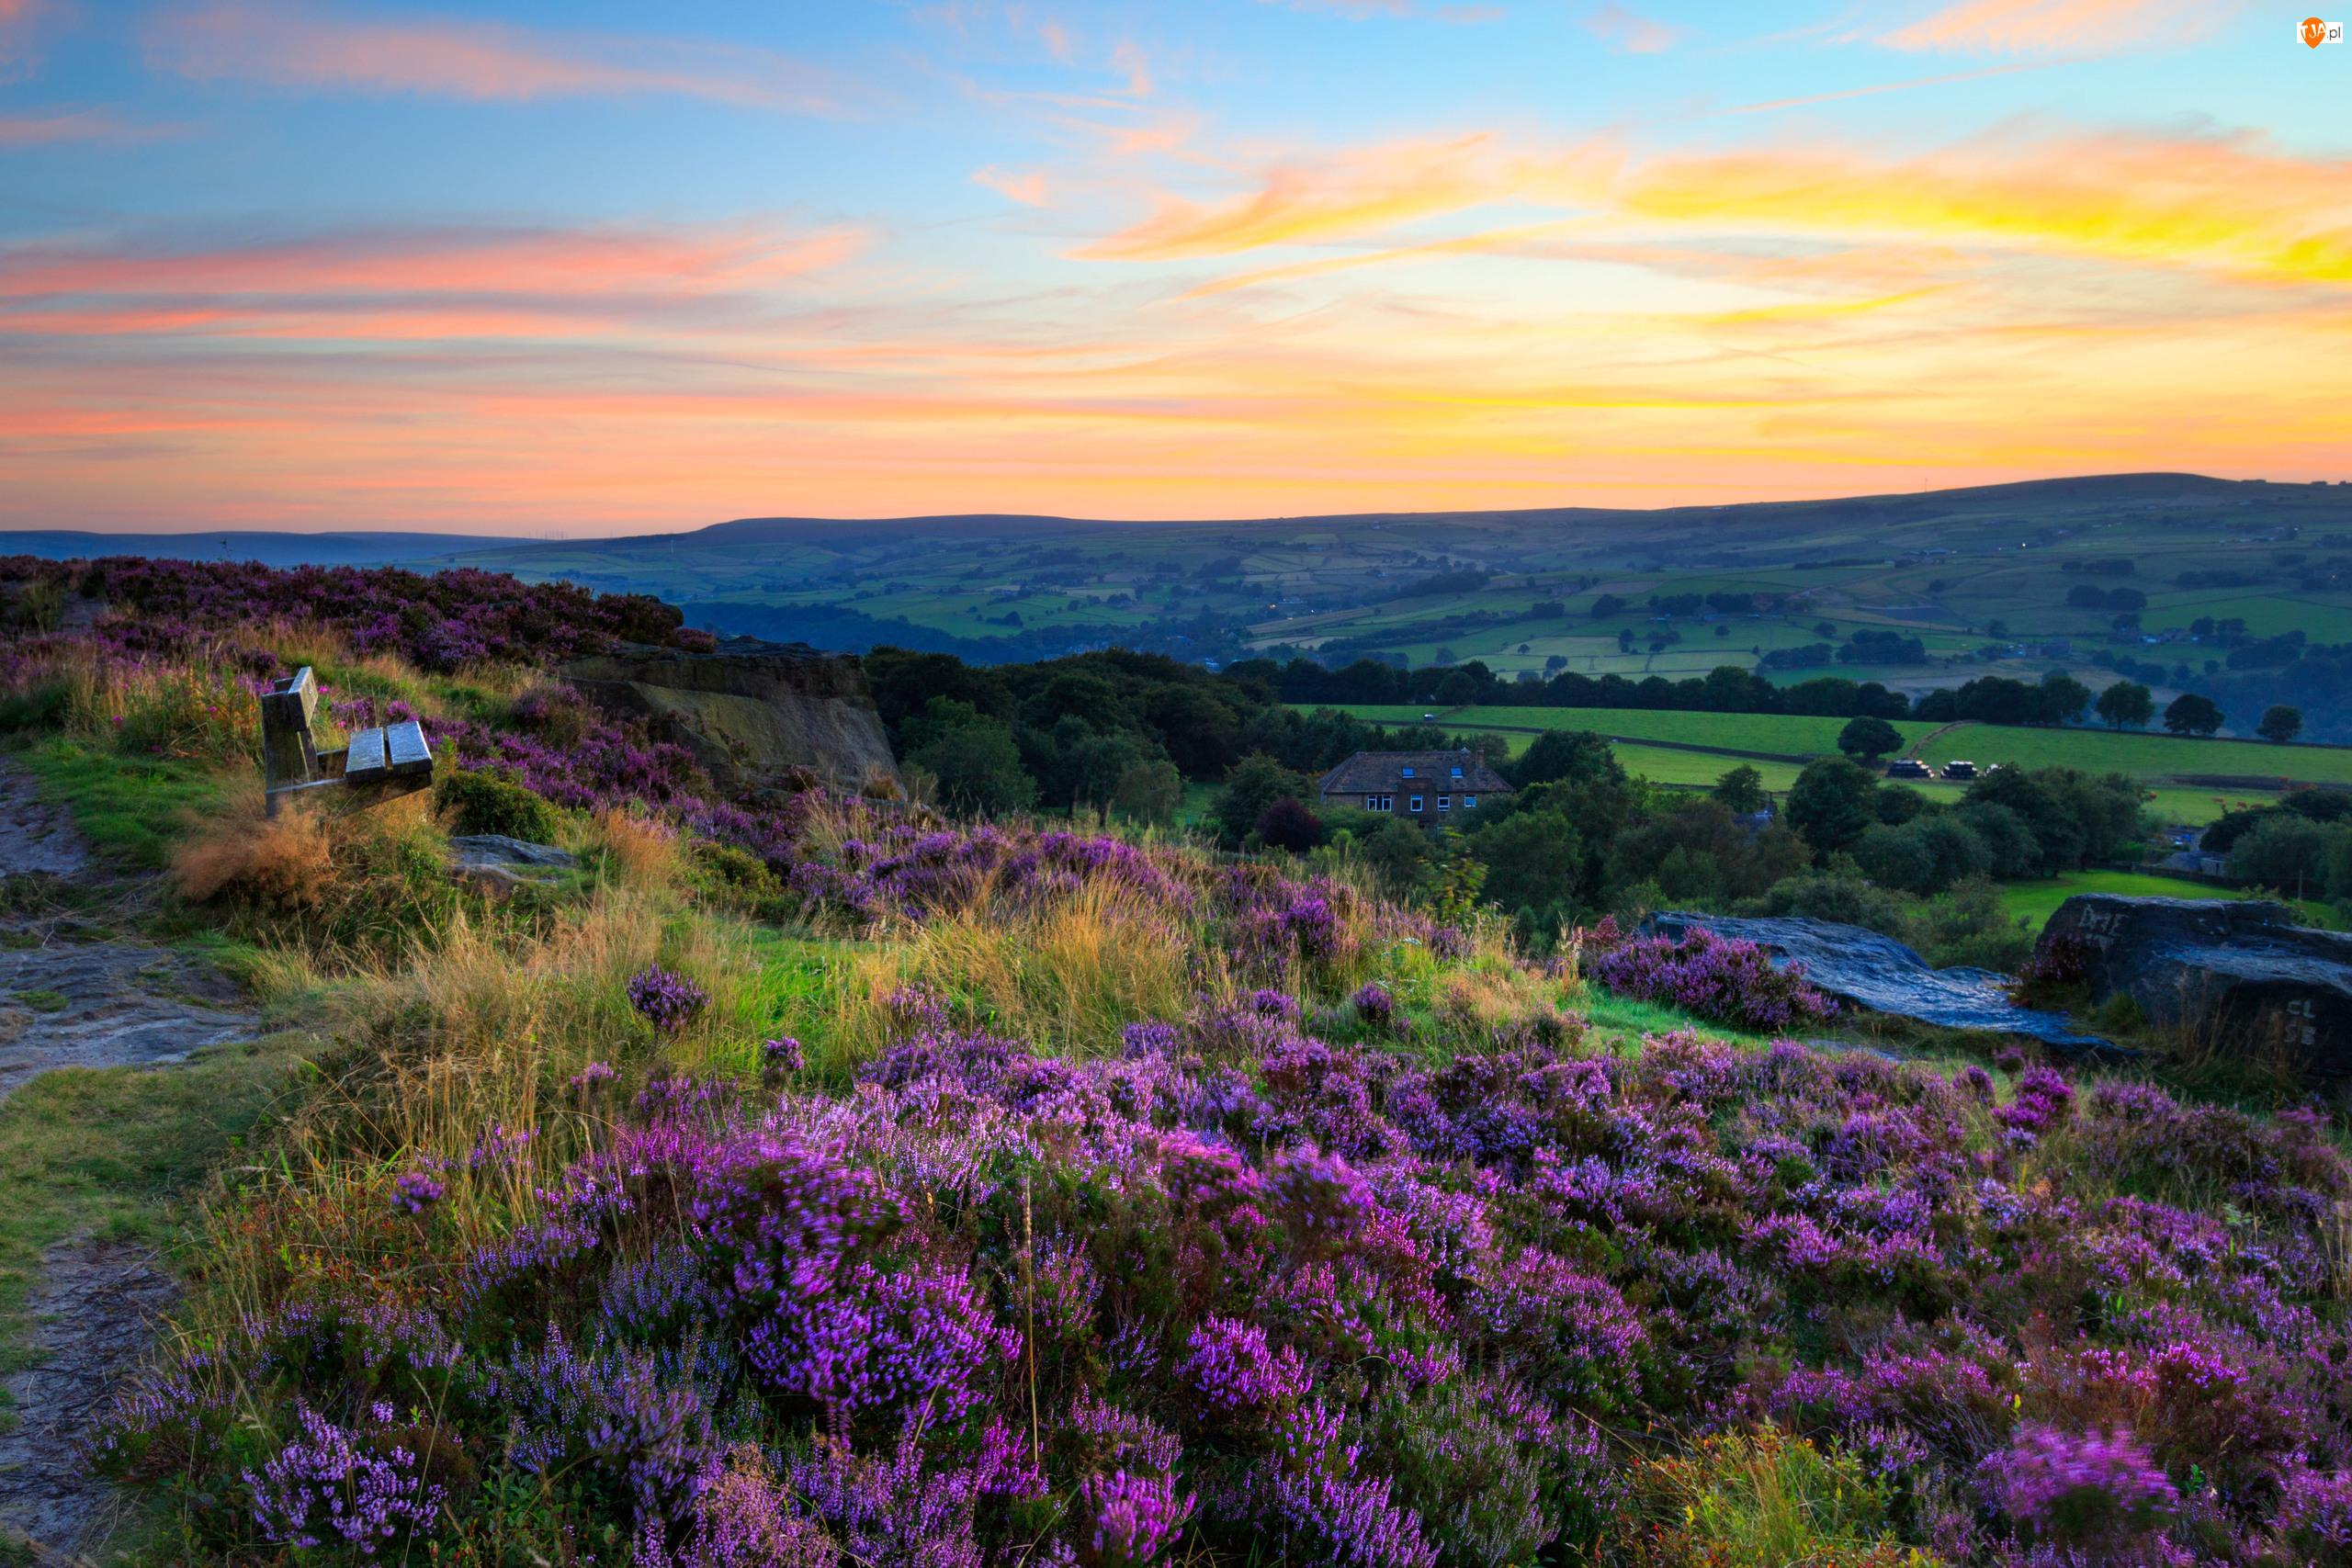 Kwiaty, Anglia, Ławka, Wrzosowisko, Zachodnie Yorkshire, Przyroda, Wrzosy, Norland Moor